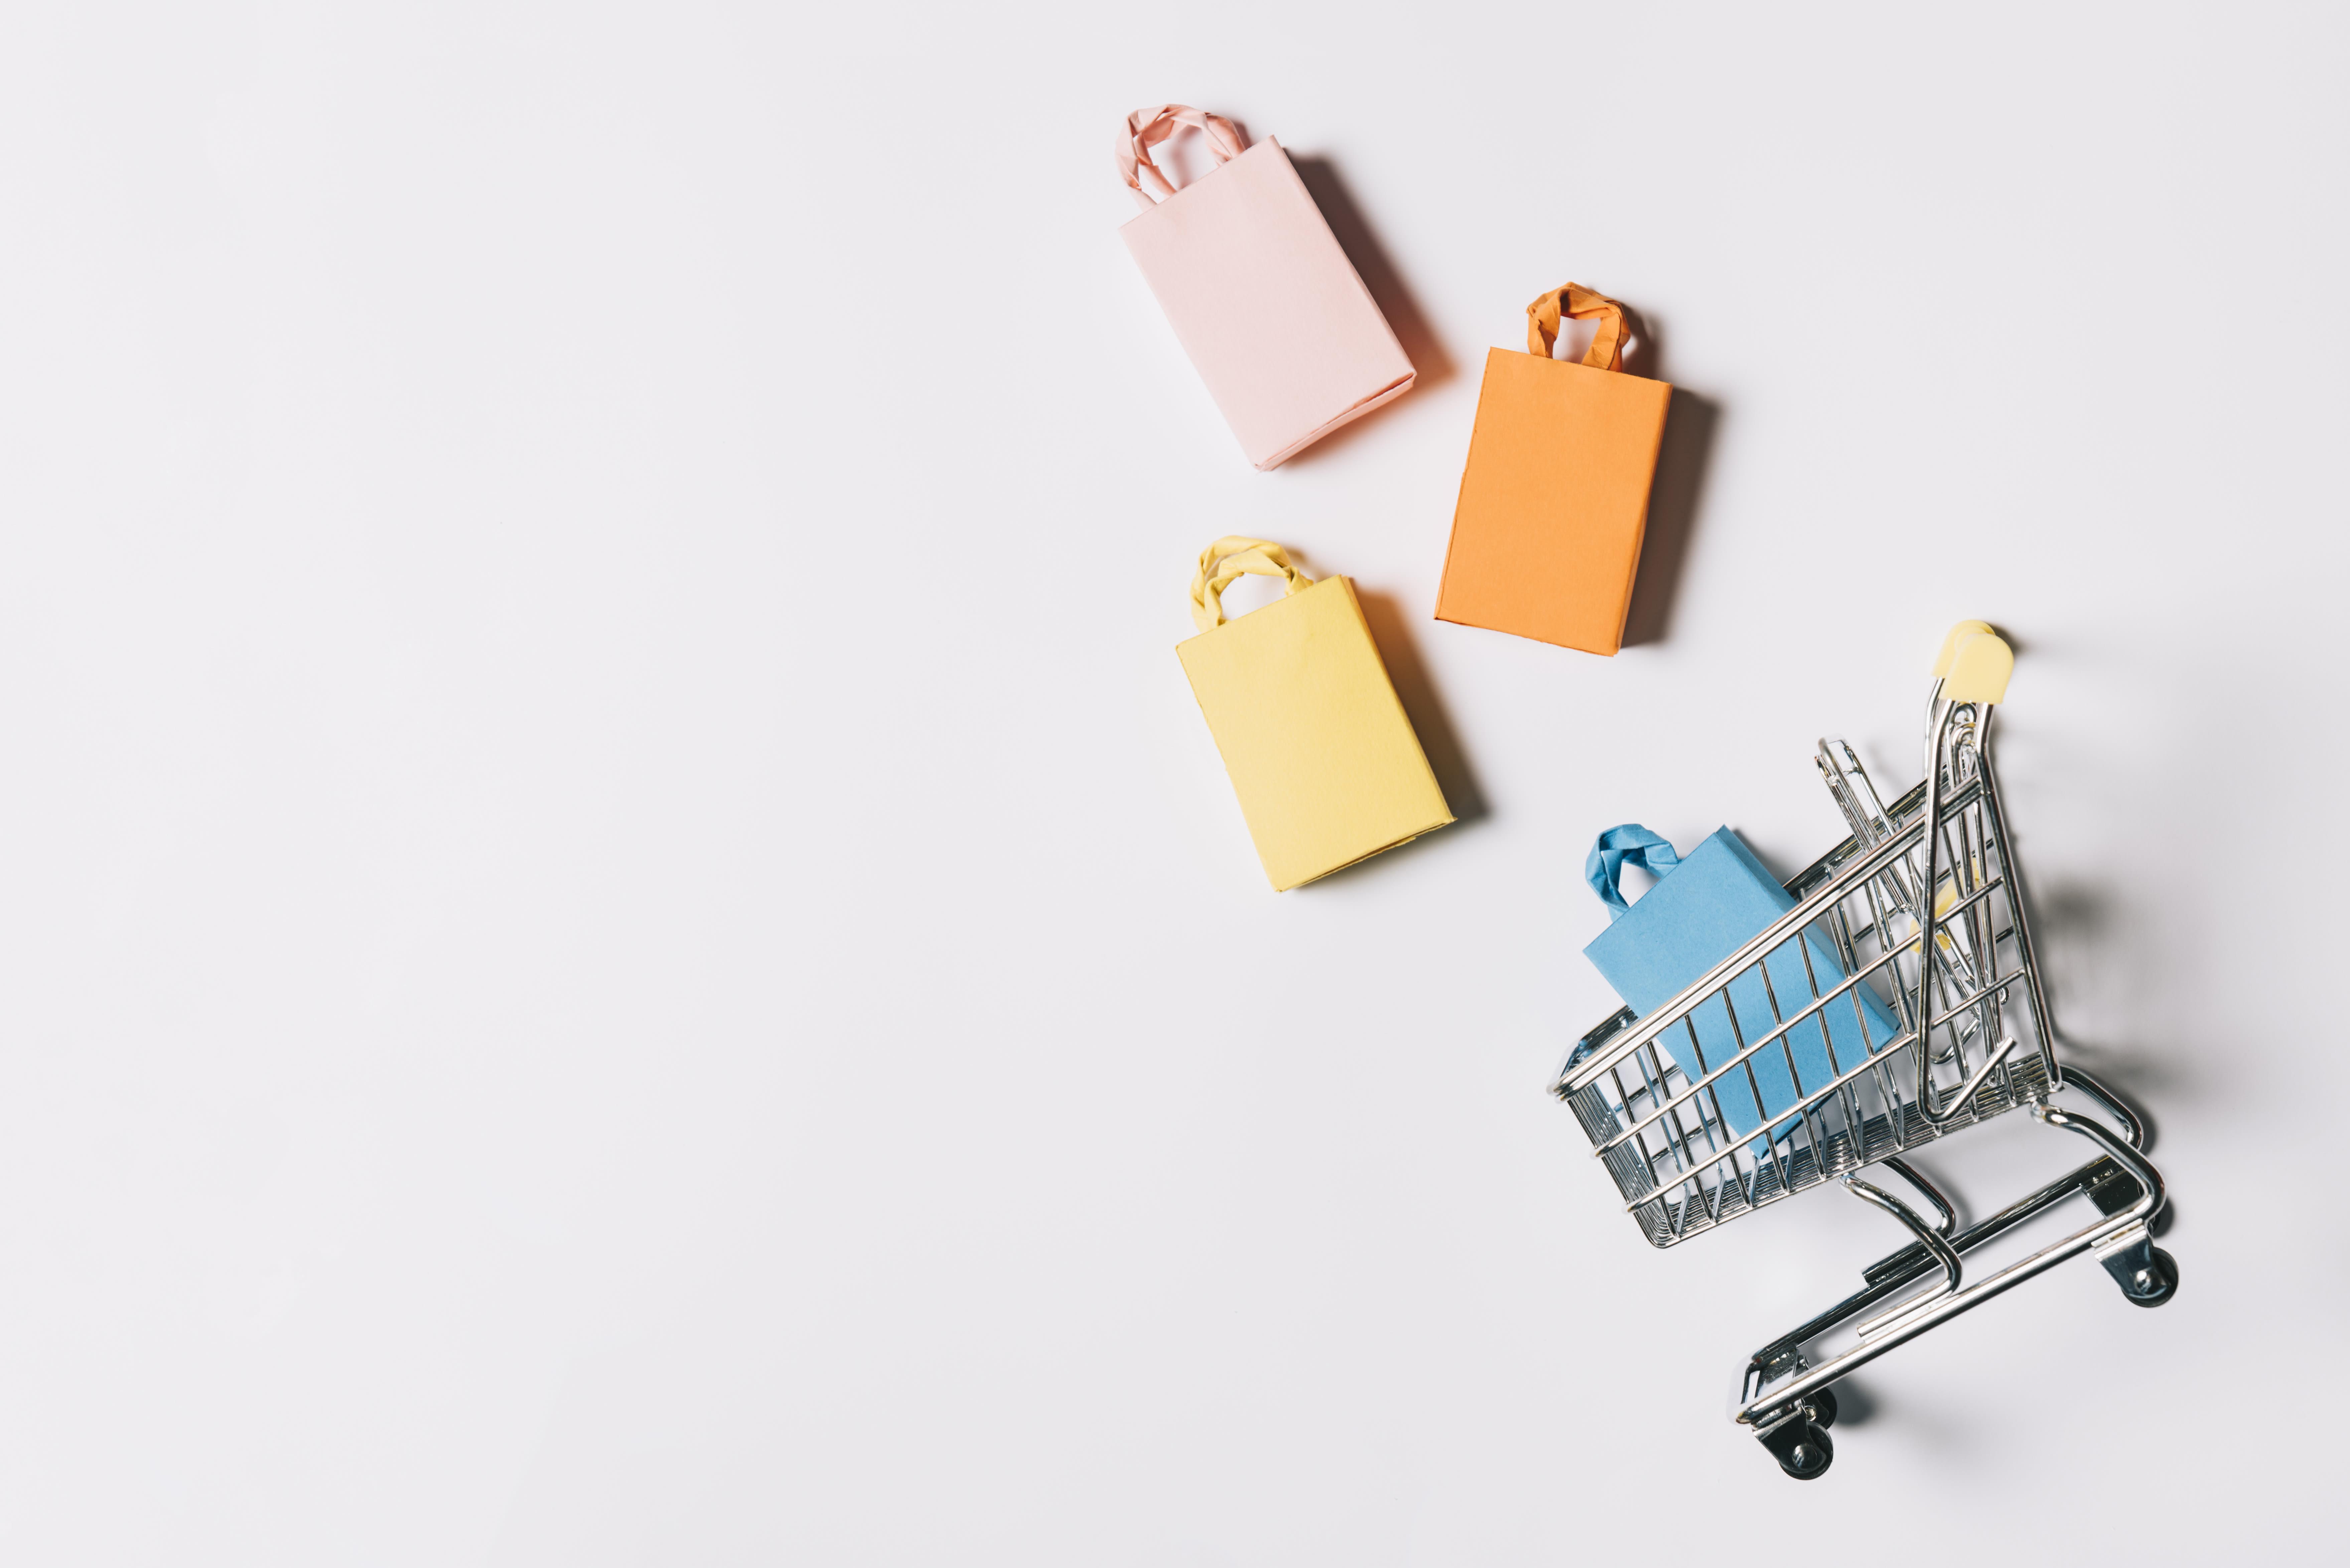 Популярные категории продуктов с дисконтом на Aliexpress